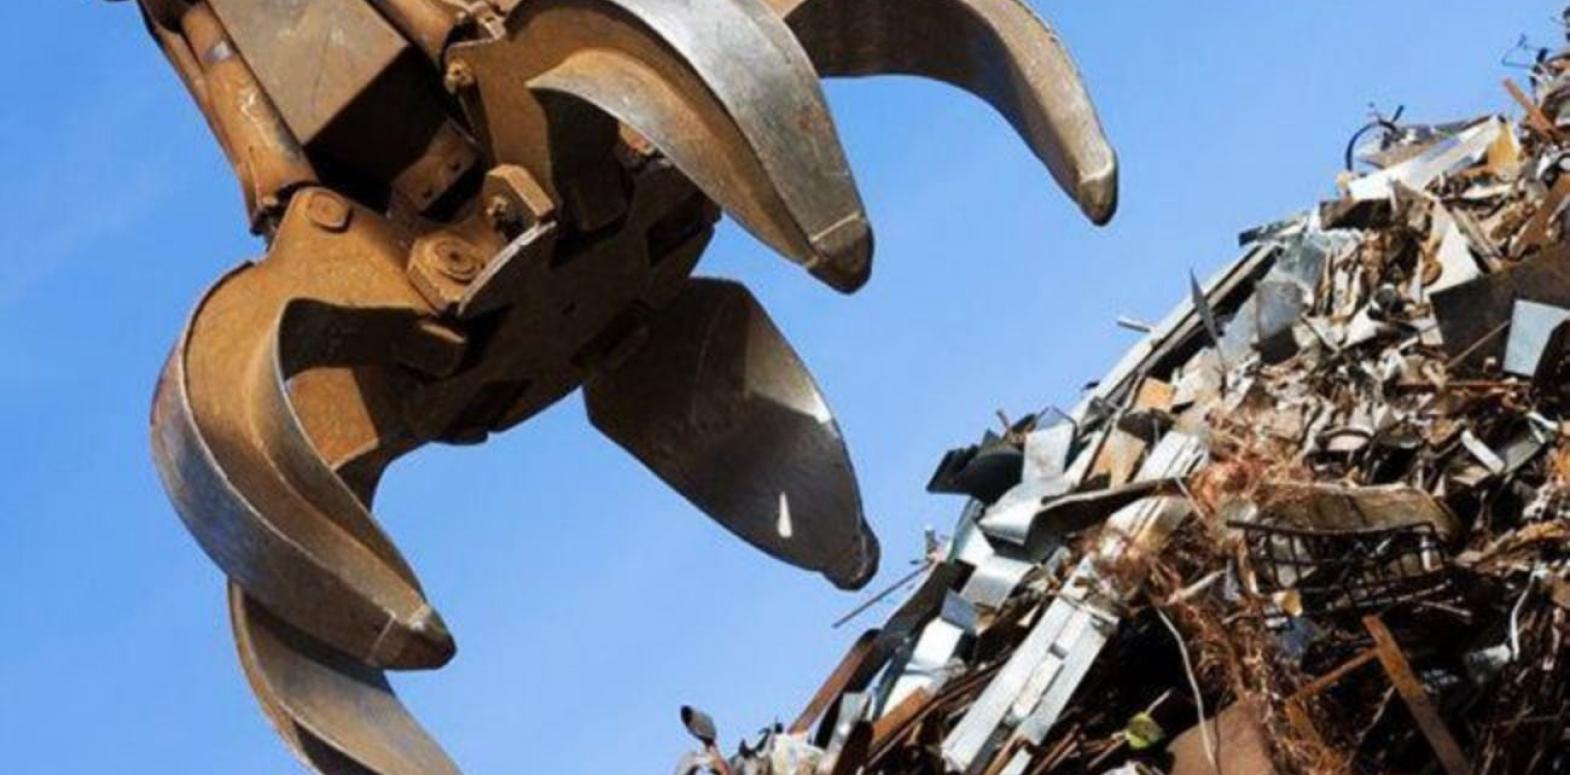 Запрет на вывоз лома из Украины - вопрос экономической безопасности, - эксперт